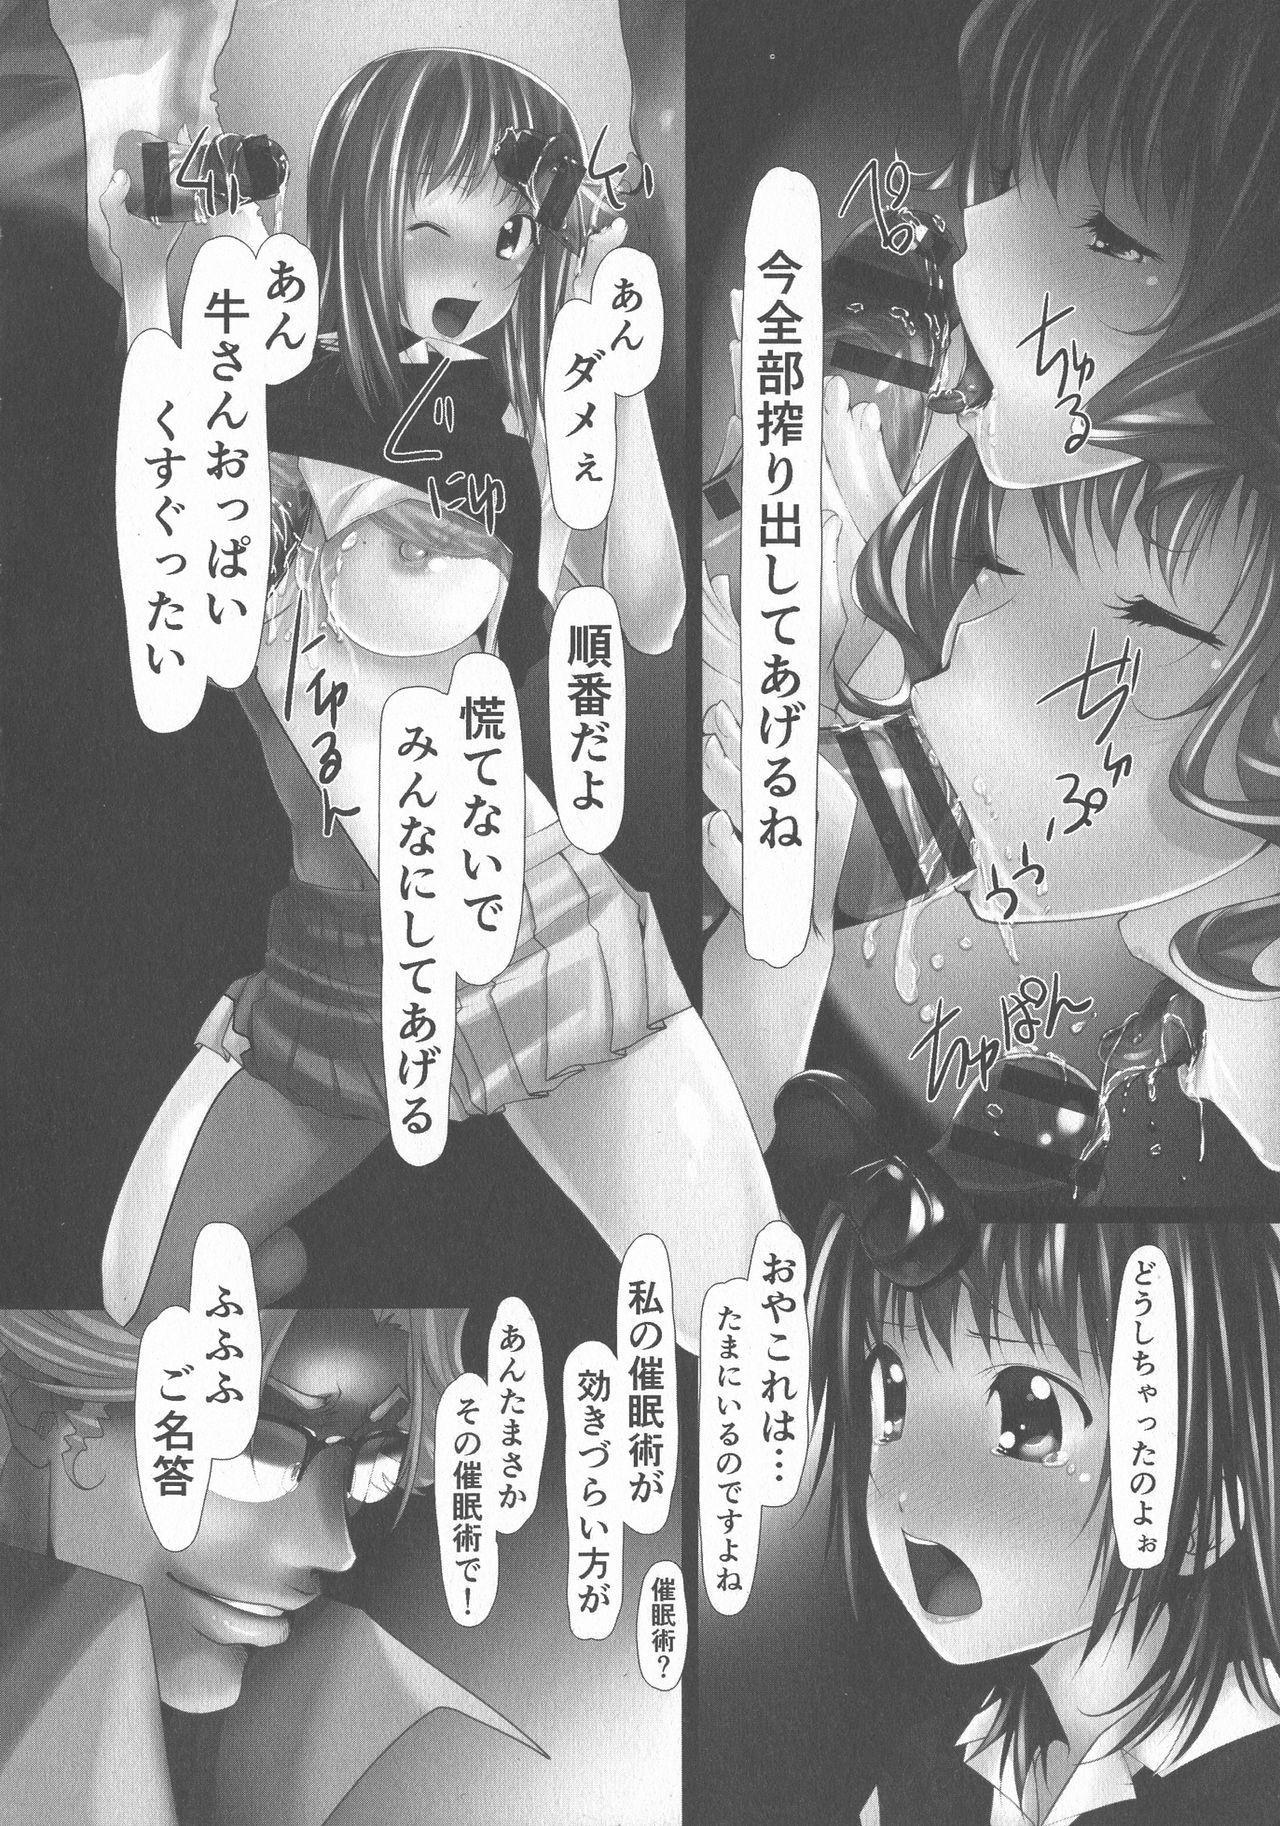 Jochiku no Utage 11